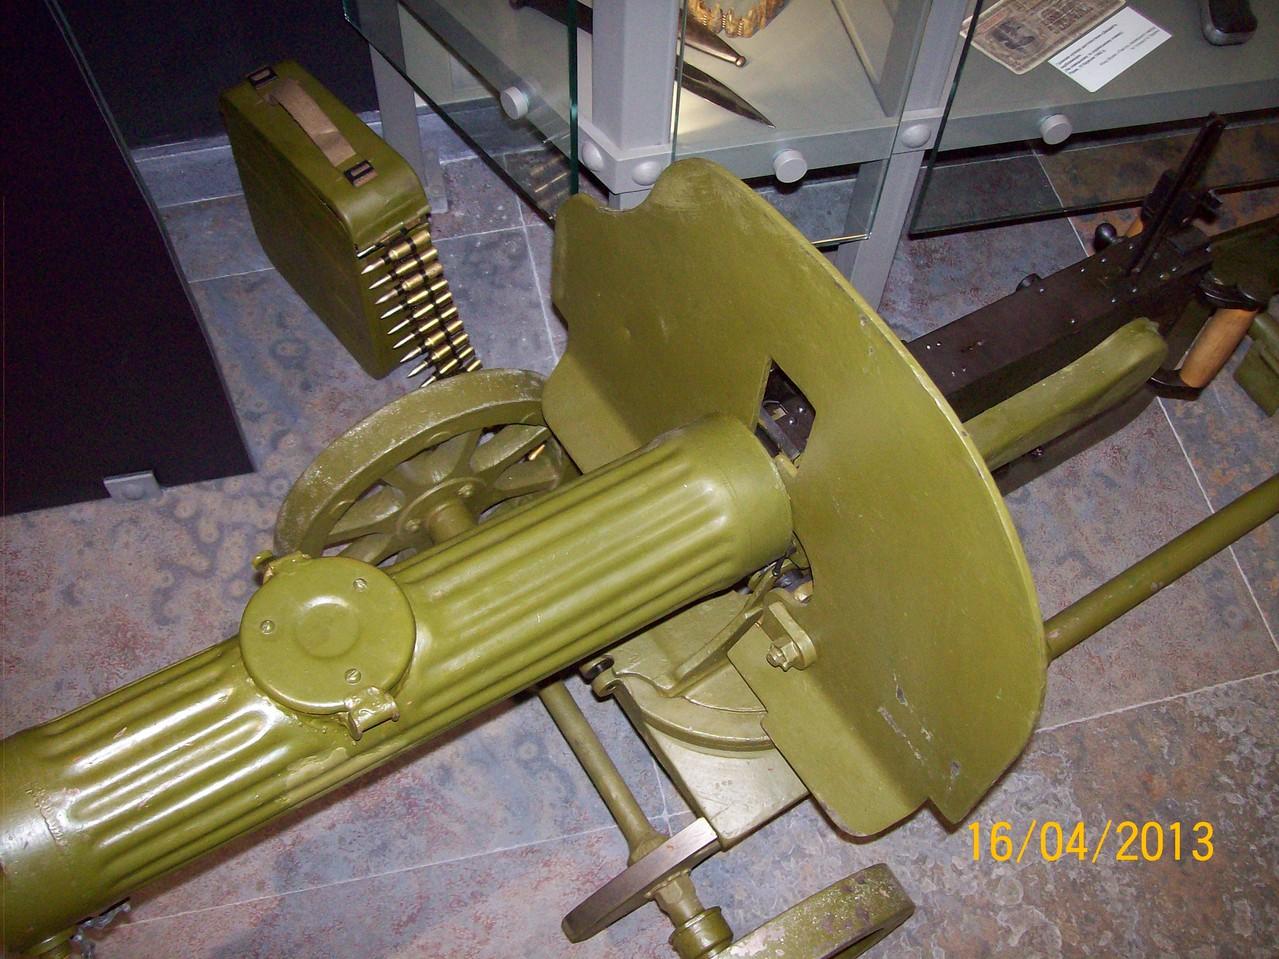 """Зброя часів Другої світової війни - радянський кулемет """"Максим"""""""